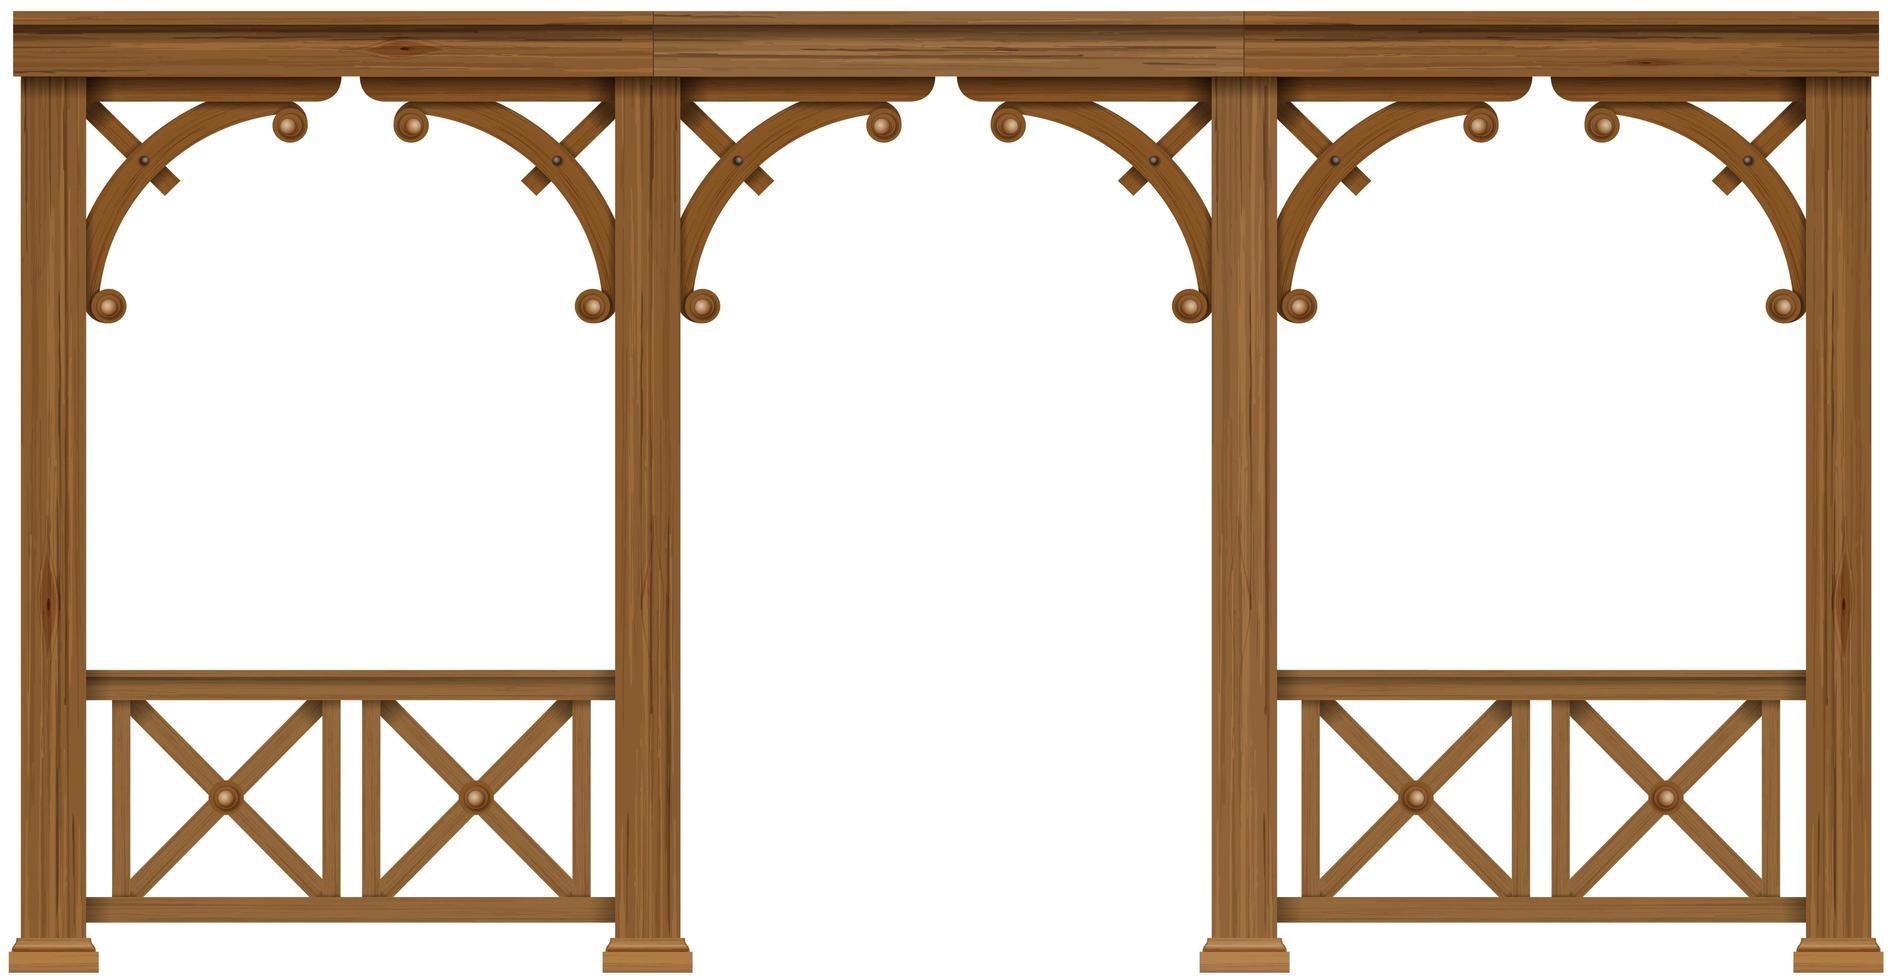 terraza de madera clásica vector